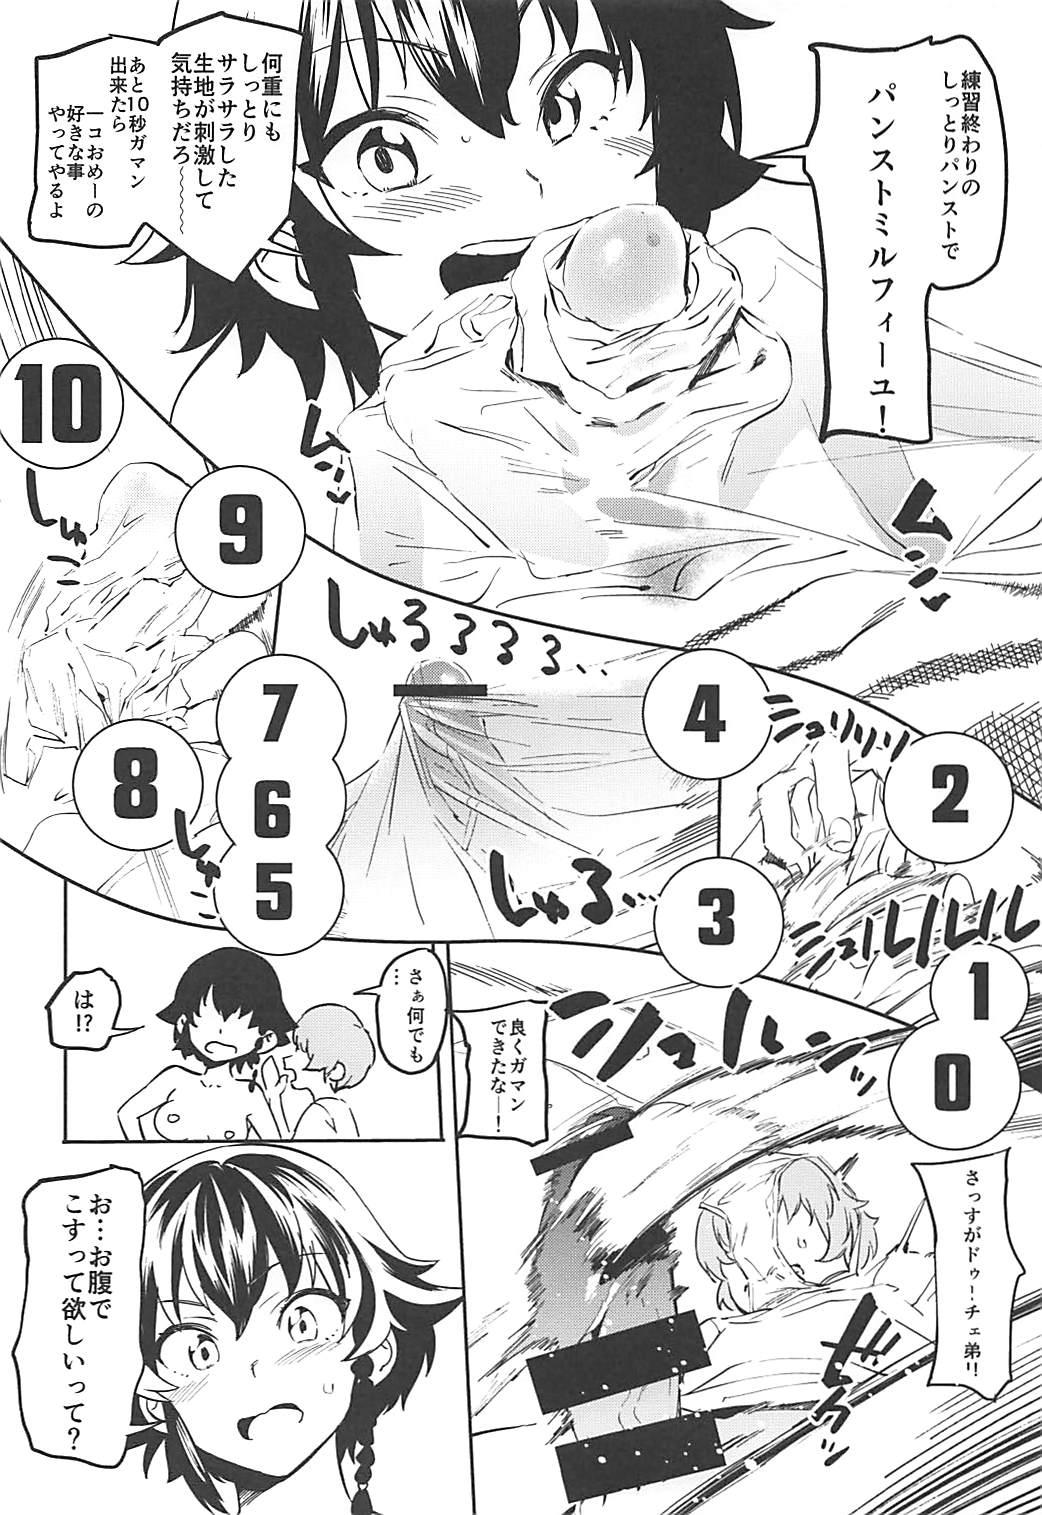 (COMIC1☆13) [Camrism (Kito Sakeru)] Anchovy Nee-san no Bouillon Panty Sakusen-ssu! (Girls und Panzer) 10